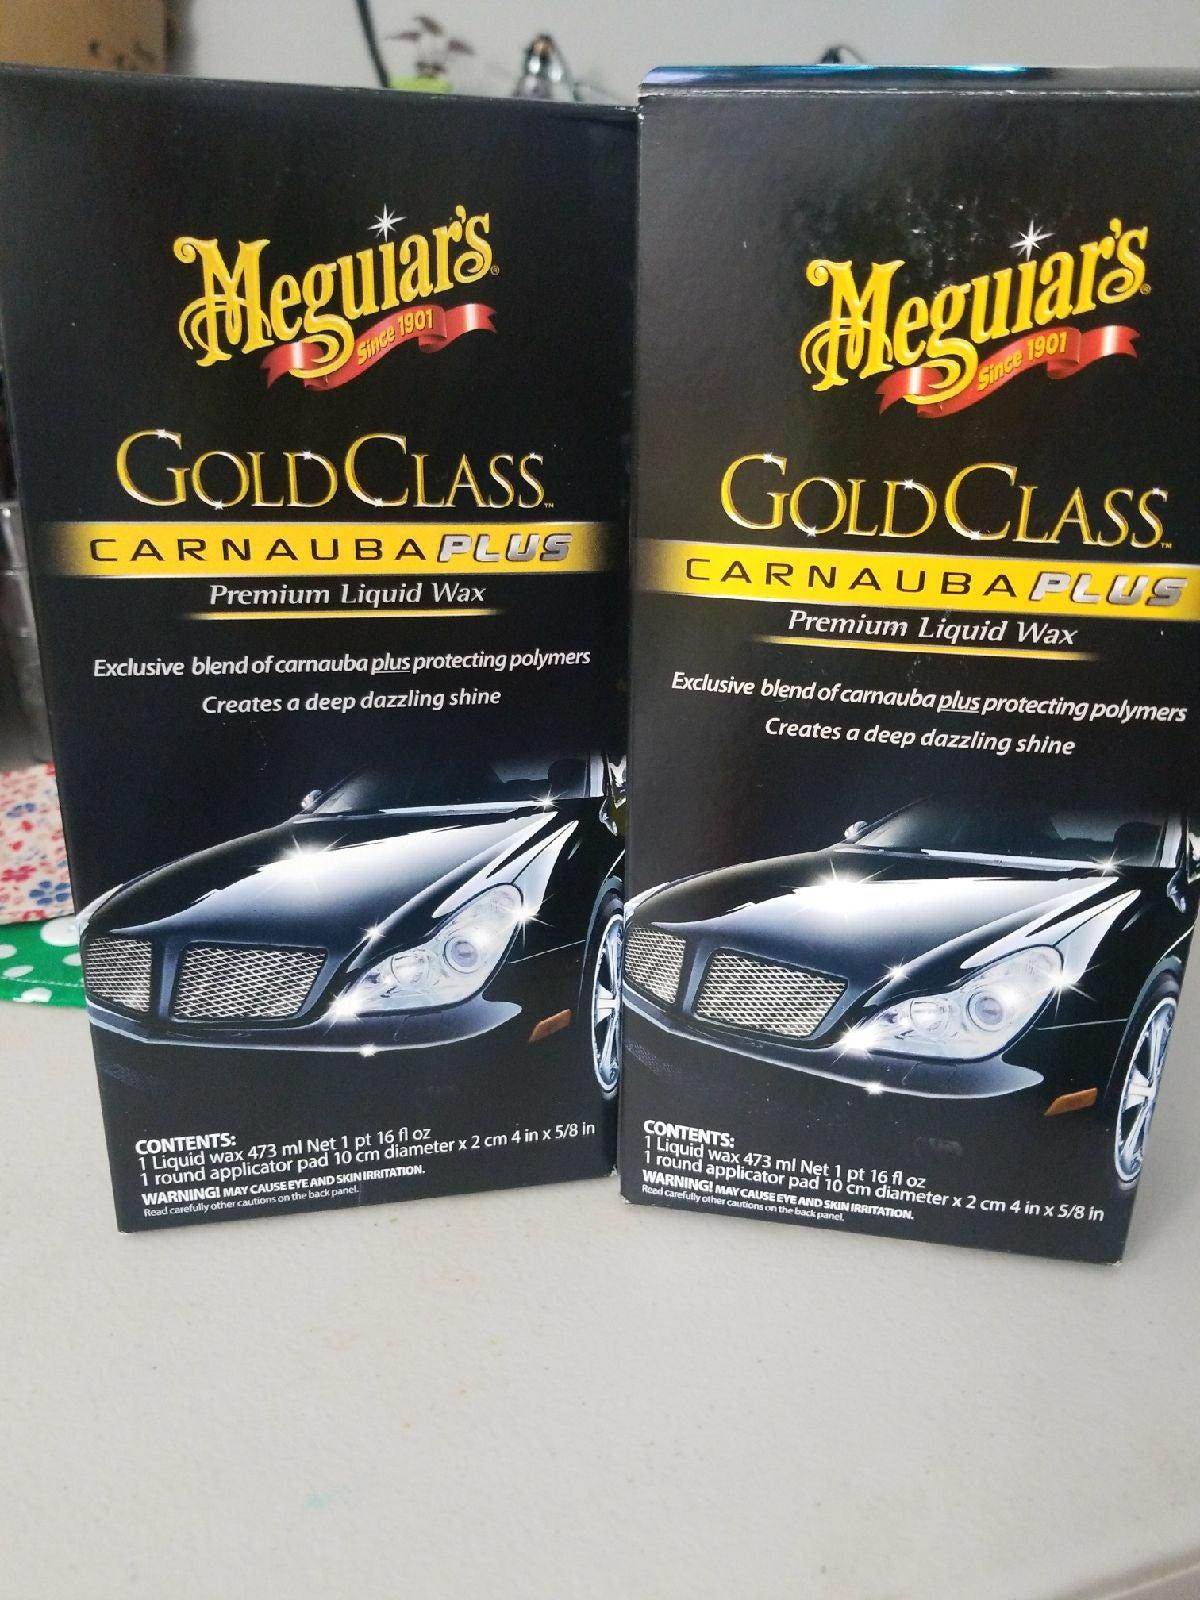 Sale 2 for $18 Meguires Gold Class plus